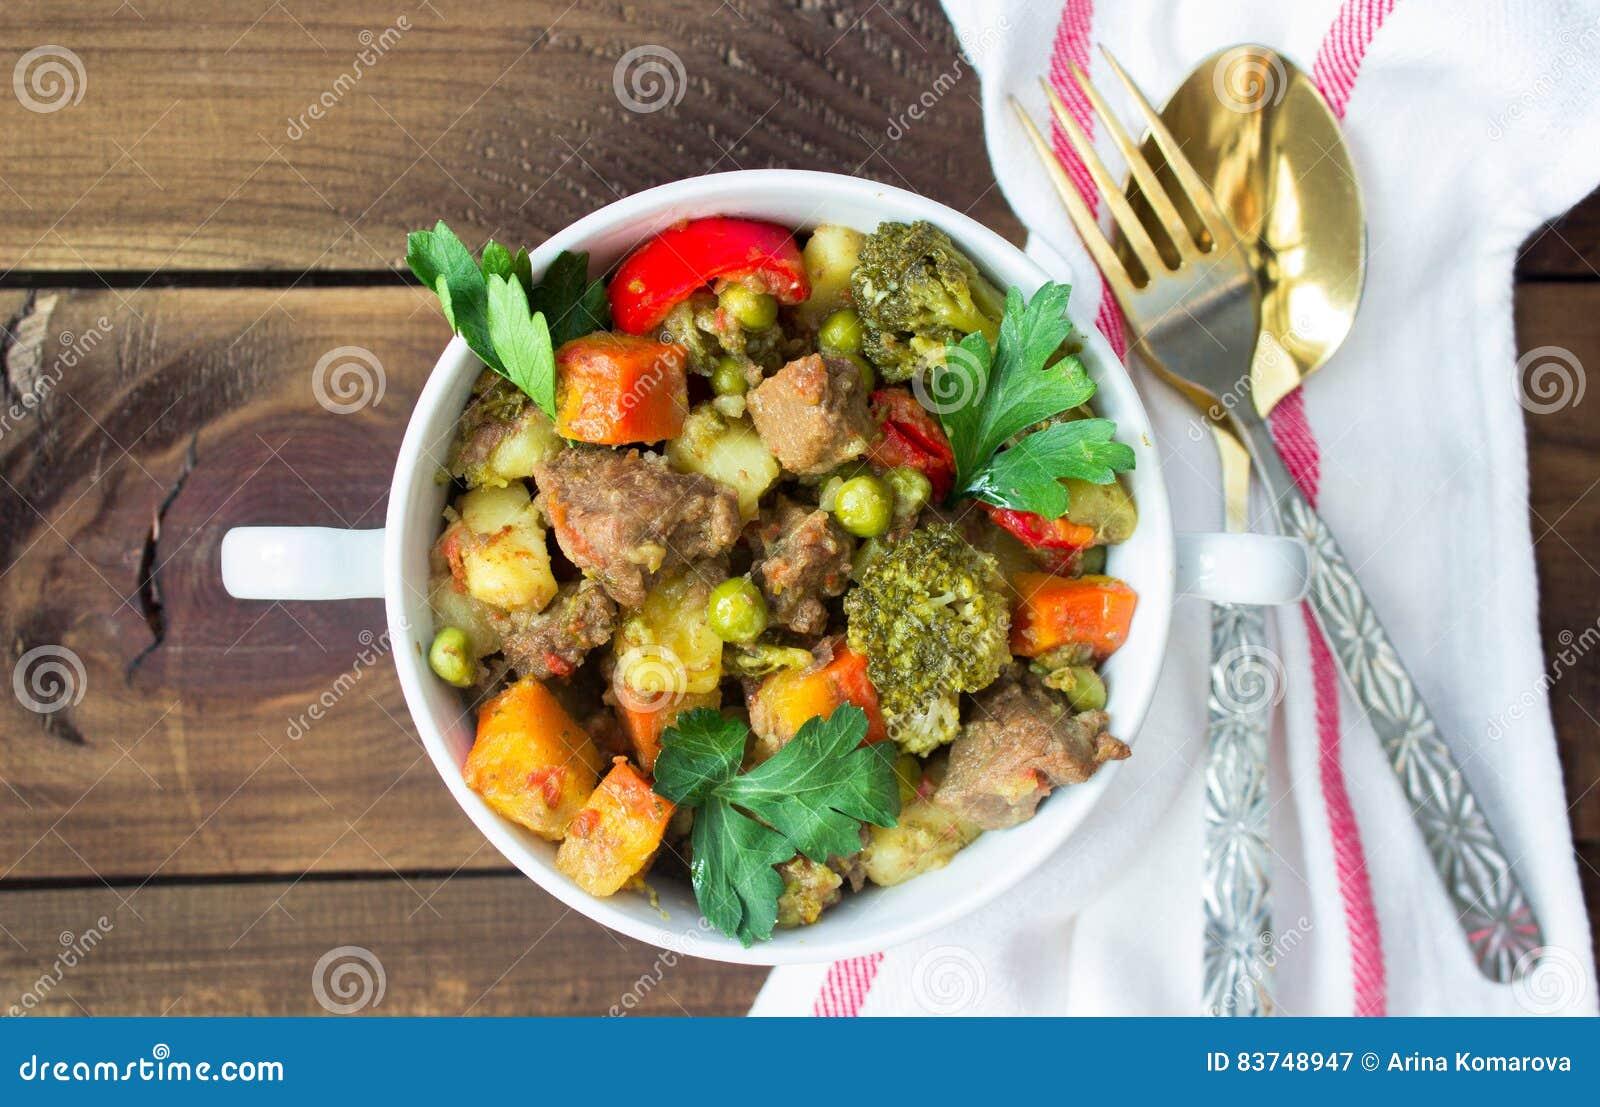 Tjänat som nötköttkött lät småkoka med grönsaker i keramisk kruka på träbakgrund